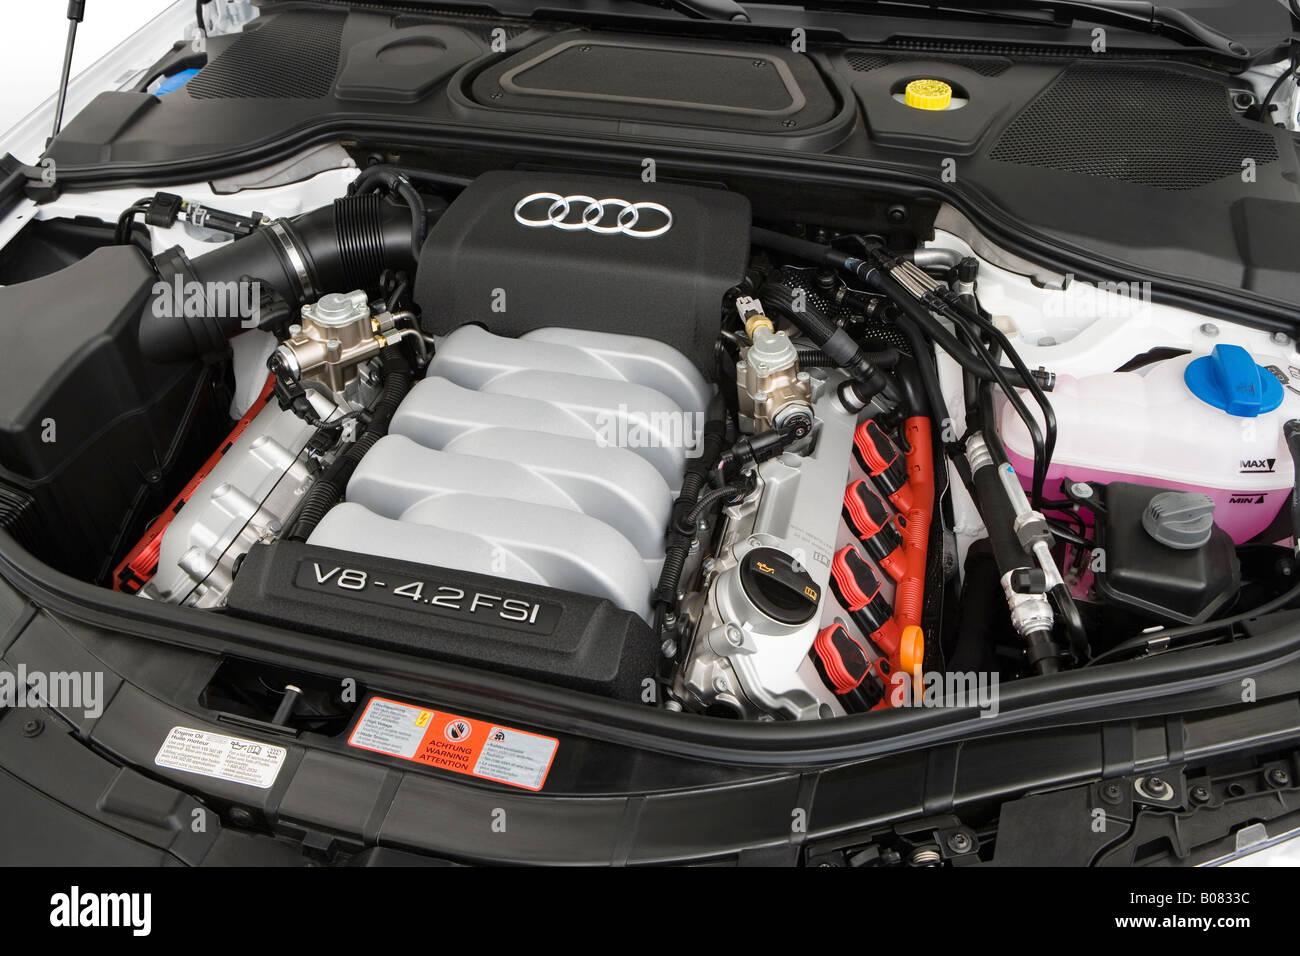 Kelebihan Kekurangan Audi A8 4.2 Quattro Harga